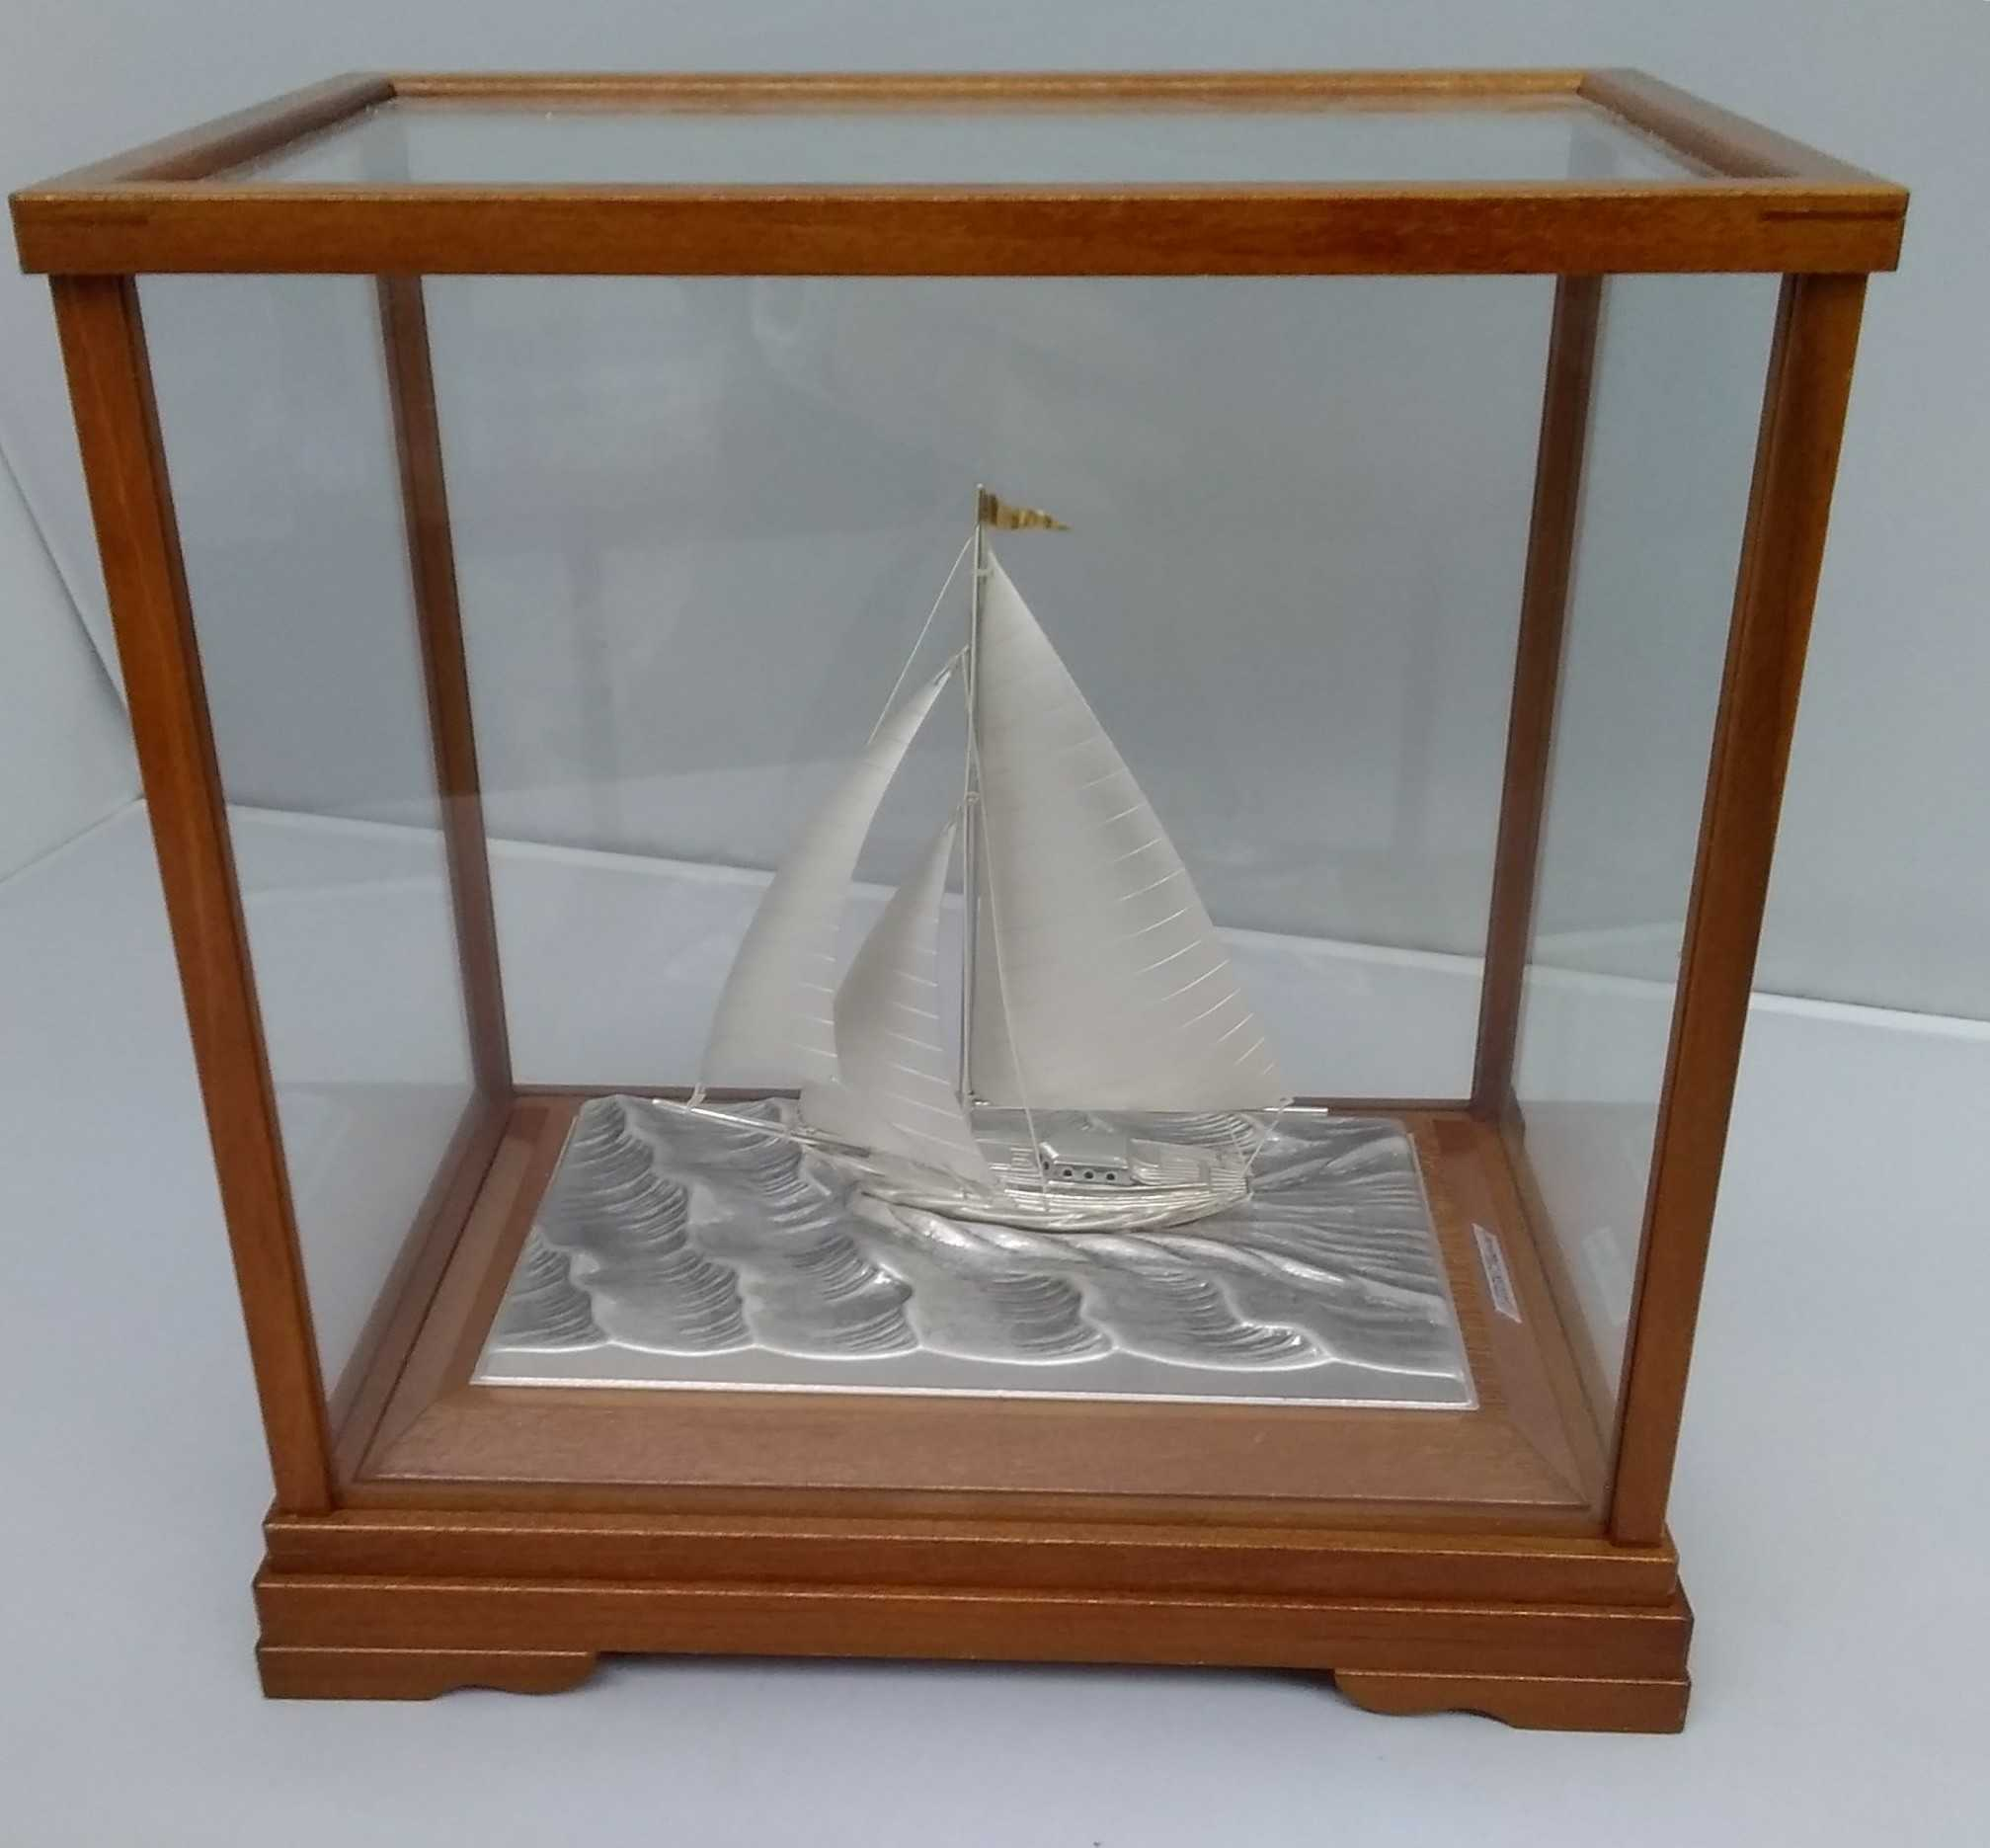 銀製ヨット 武比古 銀製品|武比古